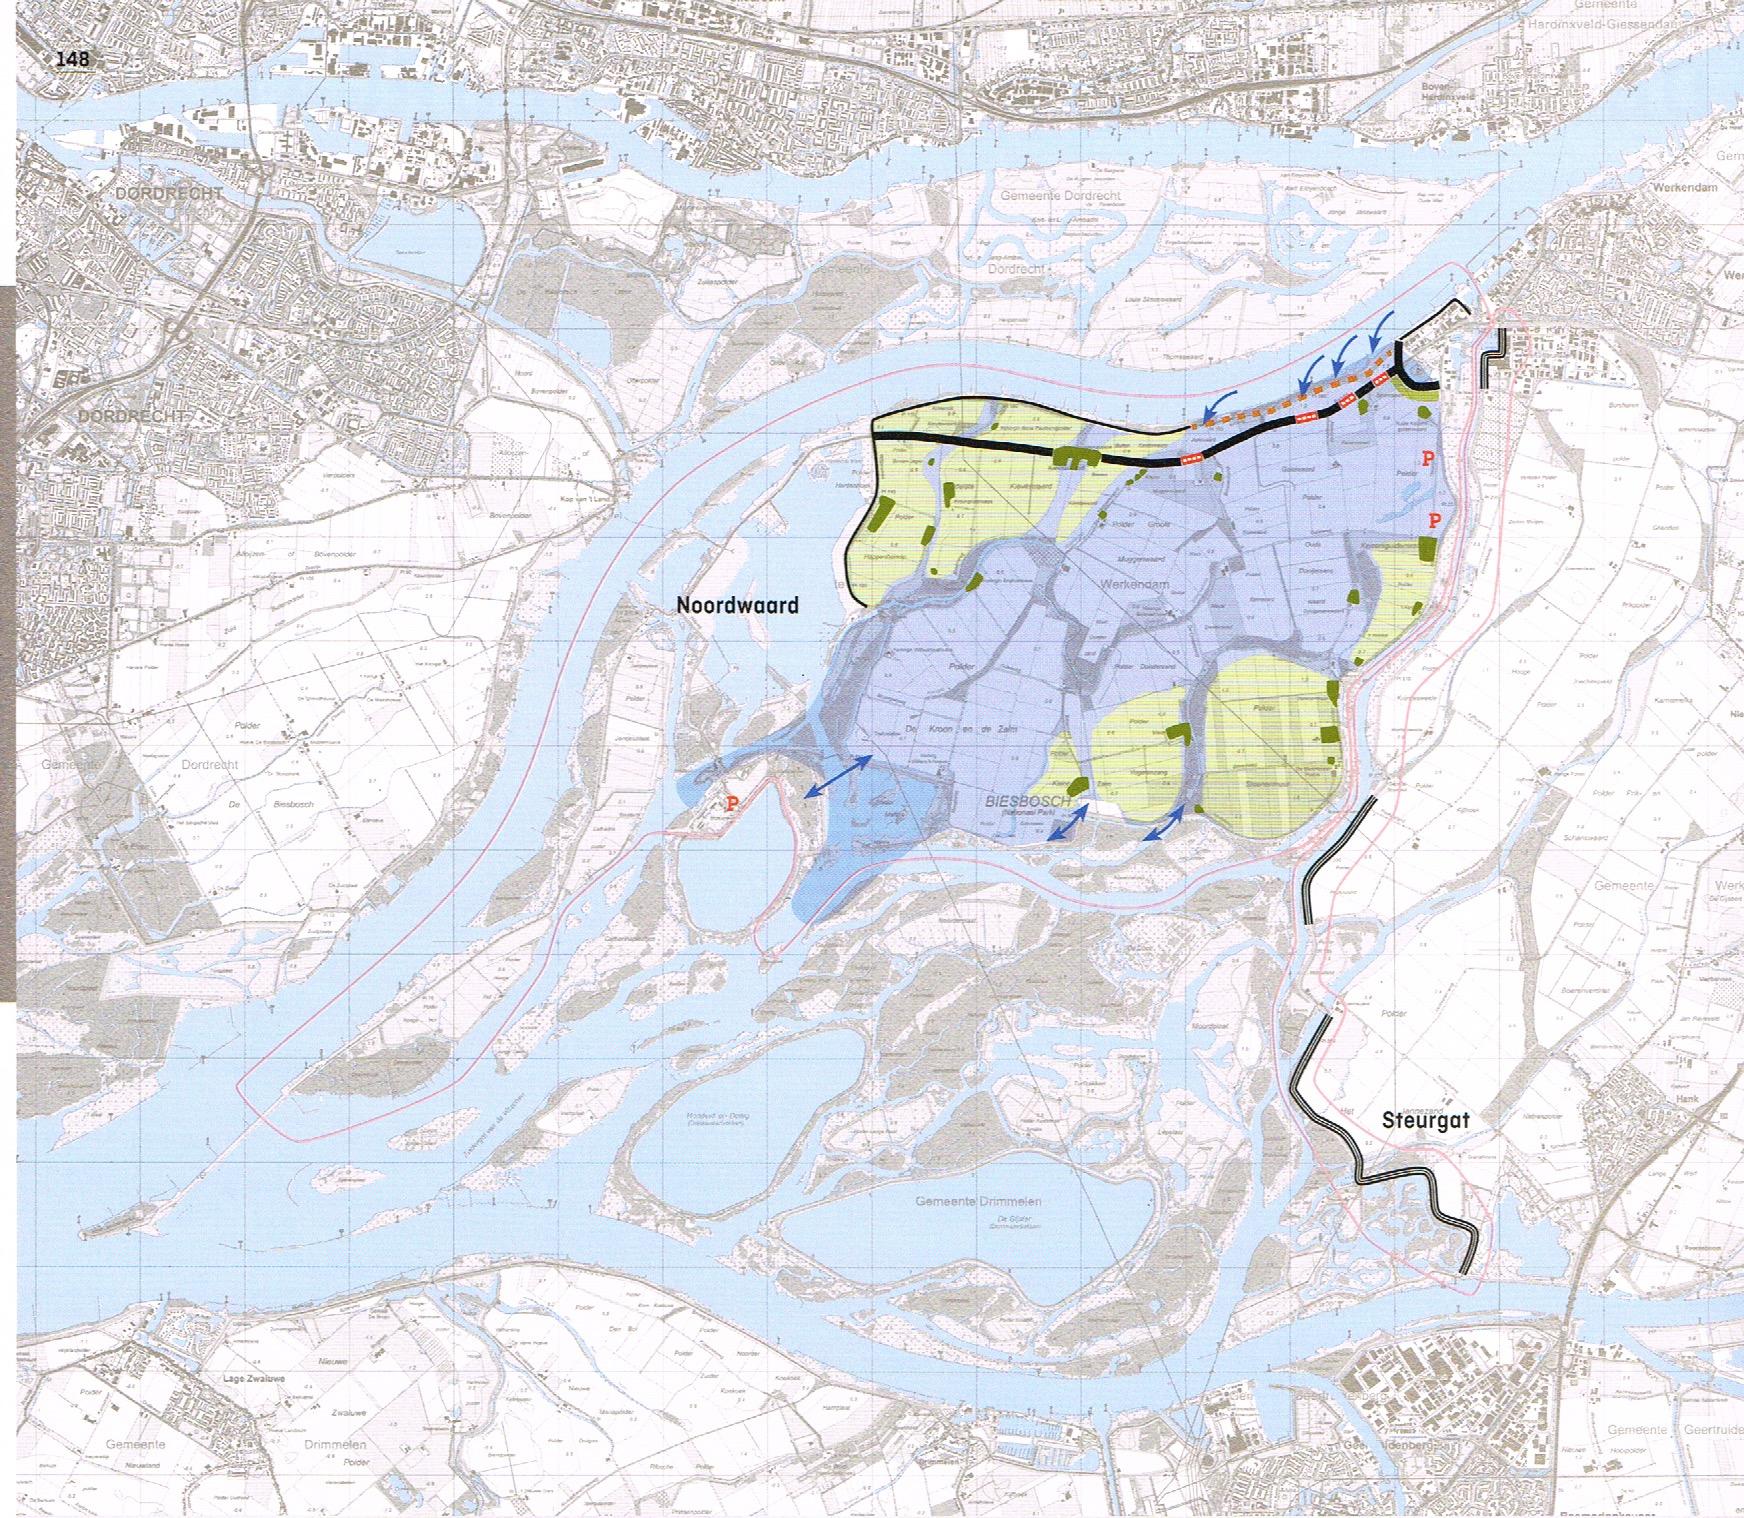 Doorstroomgebied Noordwaard. In het noorden stroomt het rivierwater via 4 overlaten het doorstroomgebied (blauw) in. Dit zijn poldertjes met heel lage dijken. De groene gebieden hebben hogere dijken en stromen pas mee bij nog veel hogere waterstanden.